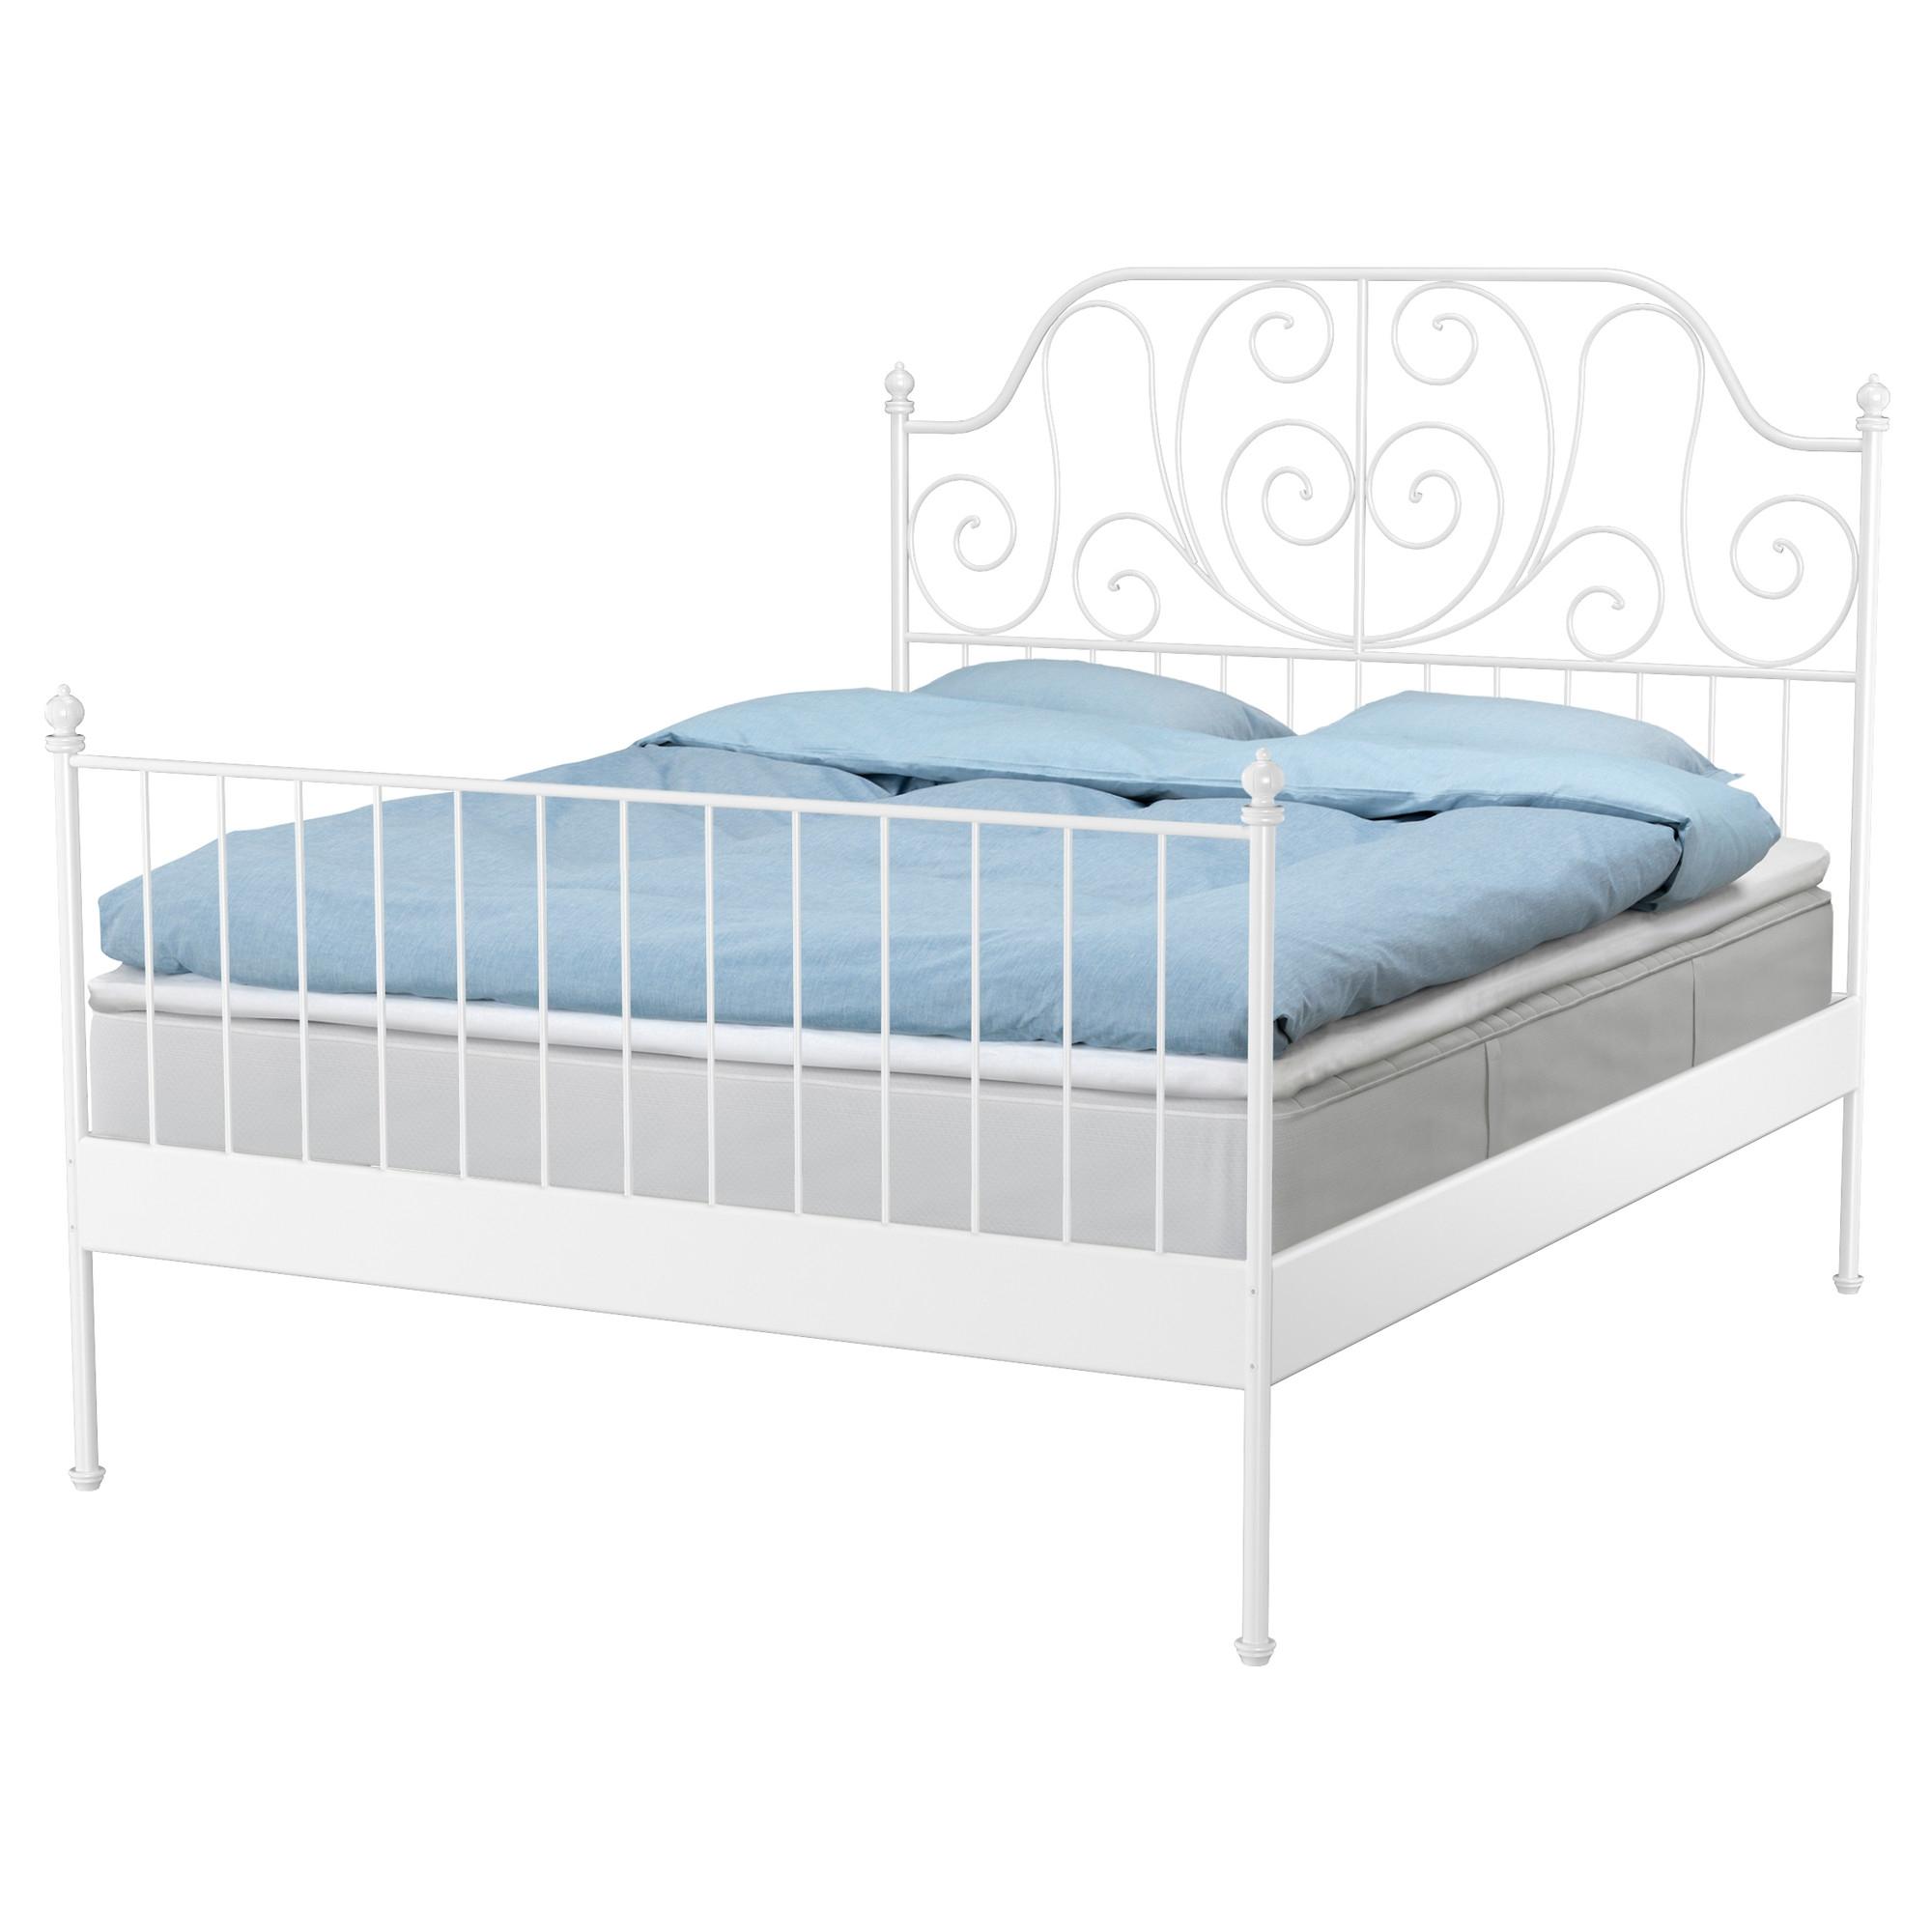 LEIRVIK cabecero/pies para cama 160cm